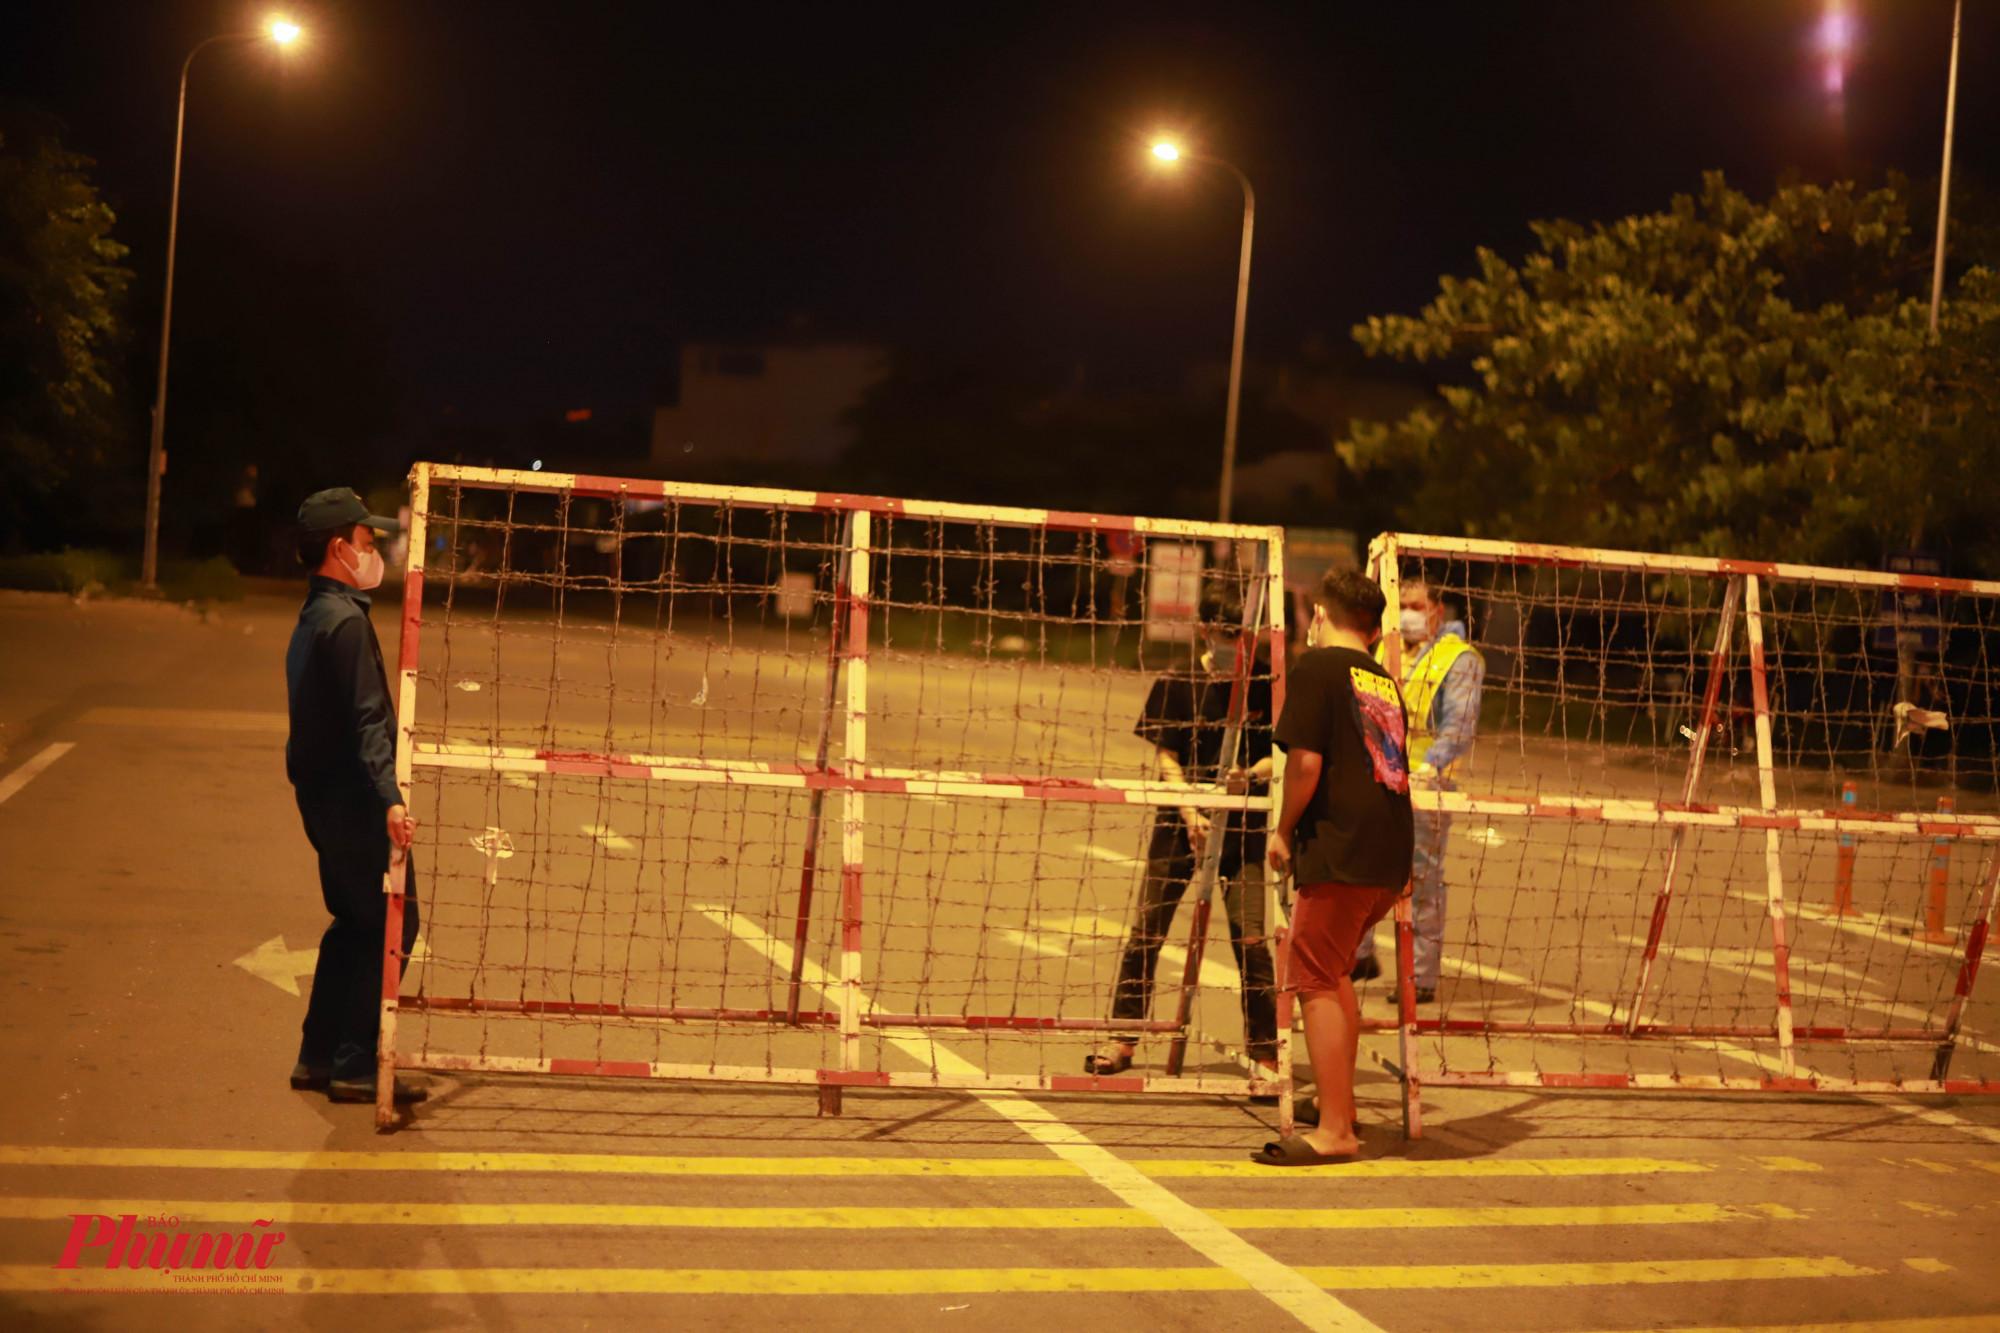 Đúng 0 giờ ngày 20/6, các lối ra vào vùng phong tỏa đã được rào chắn